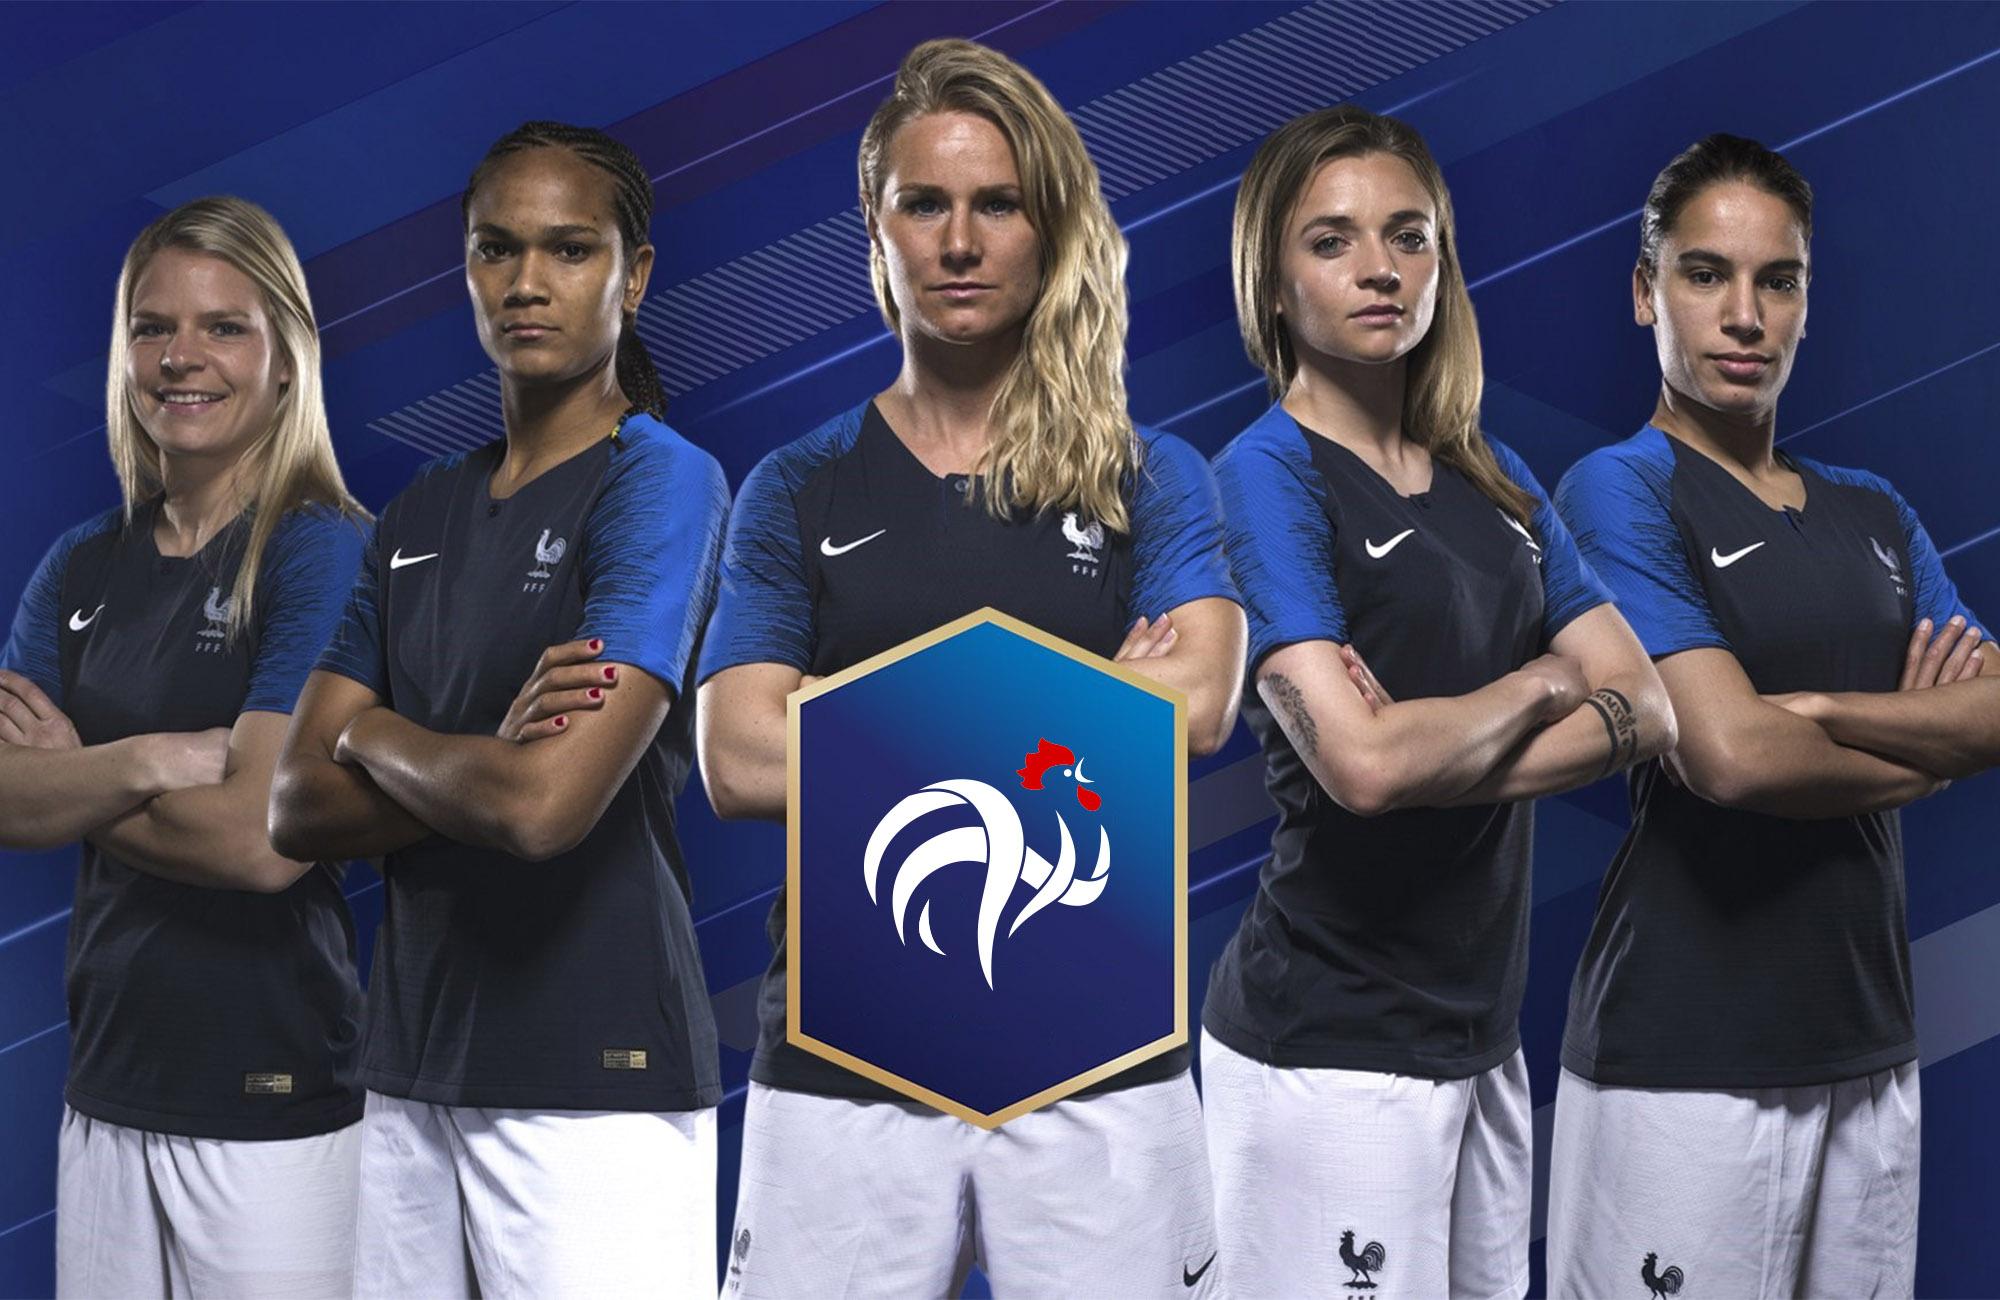 La france se pr pare pour la coupe du monde f minine 2019 - Coupe du monde de football feminin ...